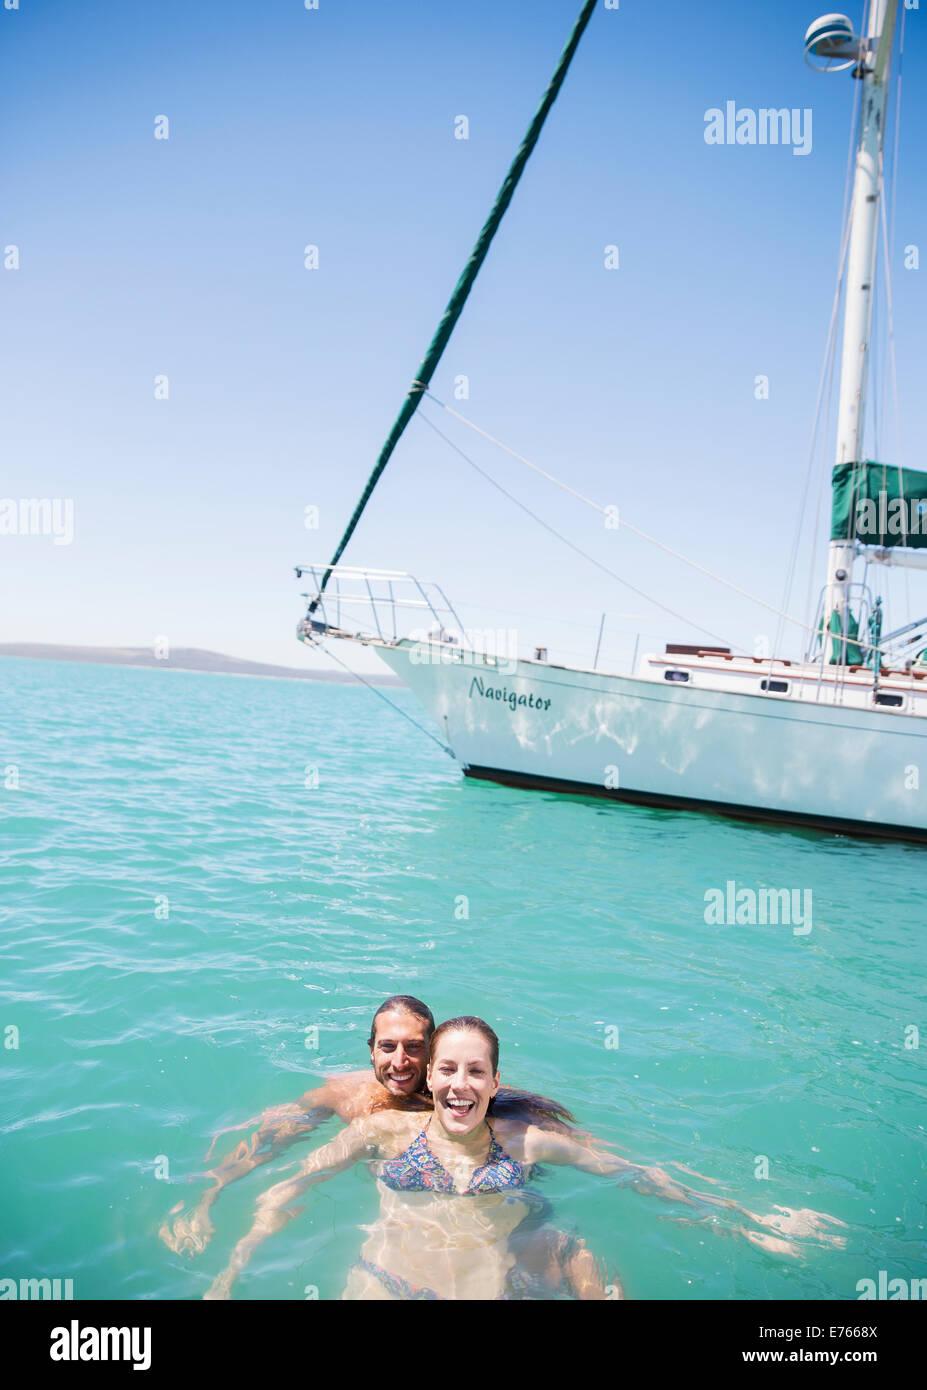 Paar, Schwimmen im Wasser in der Nähe von Boot Stockbild